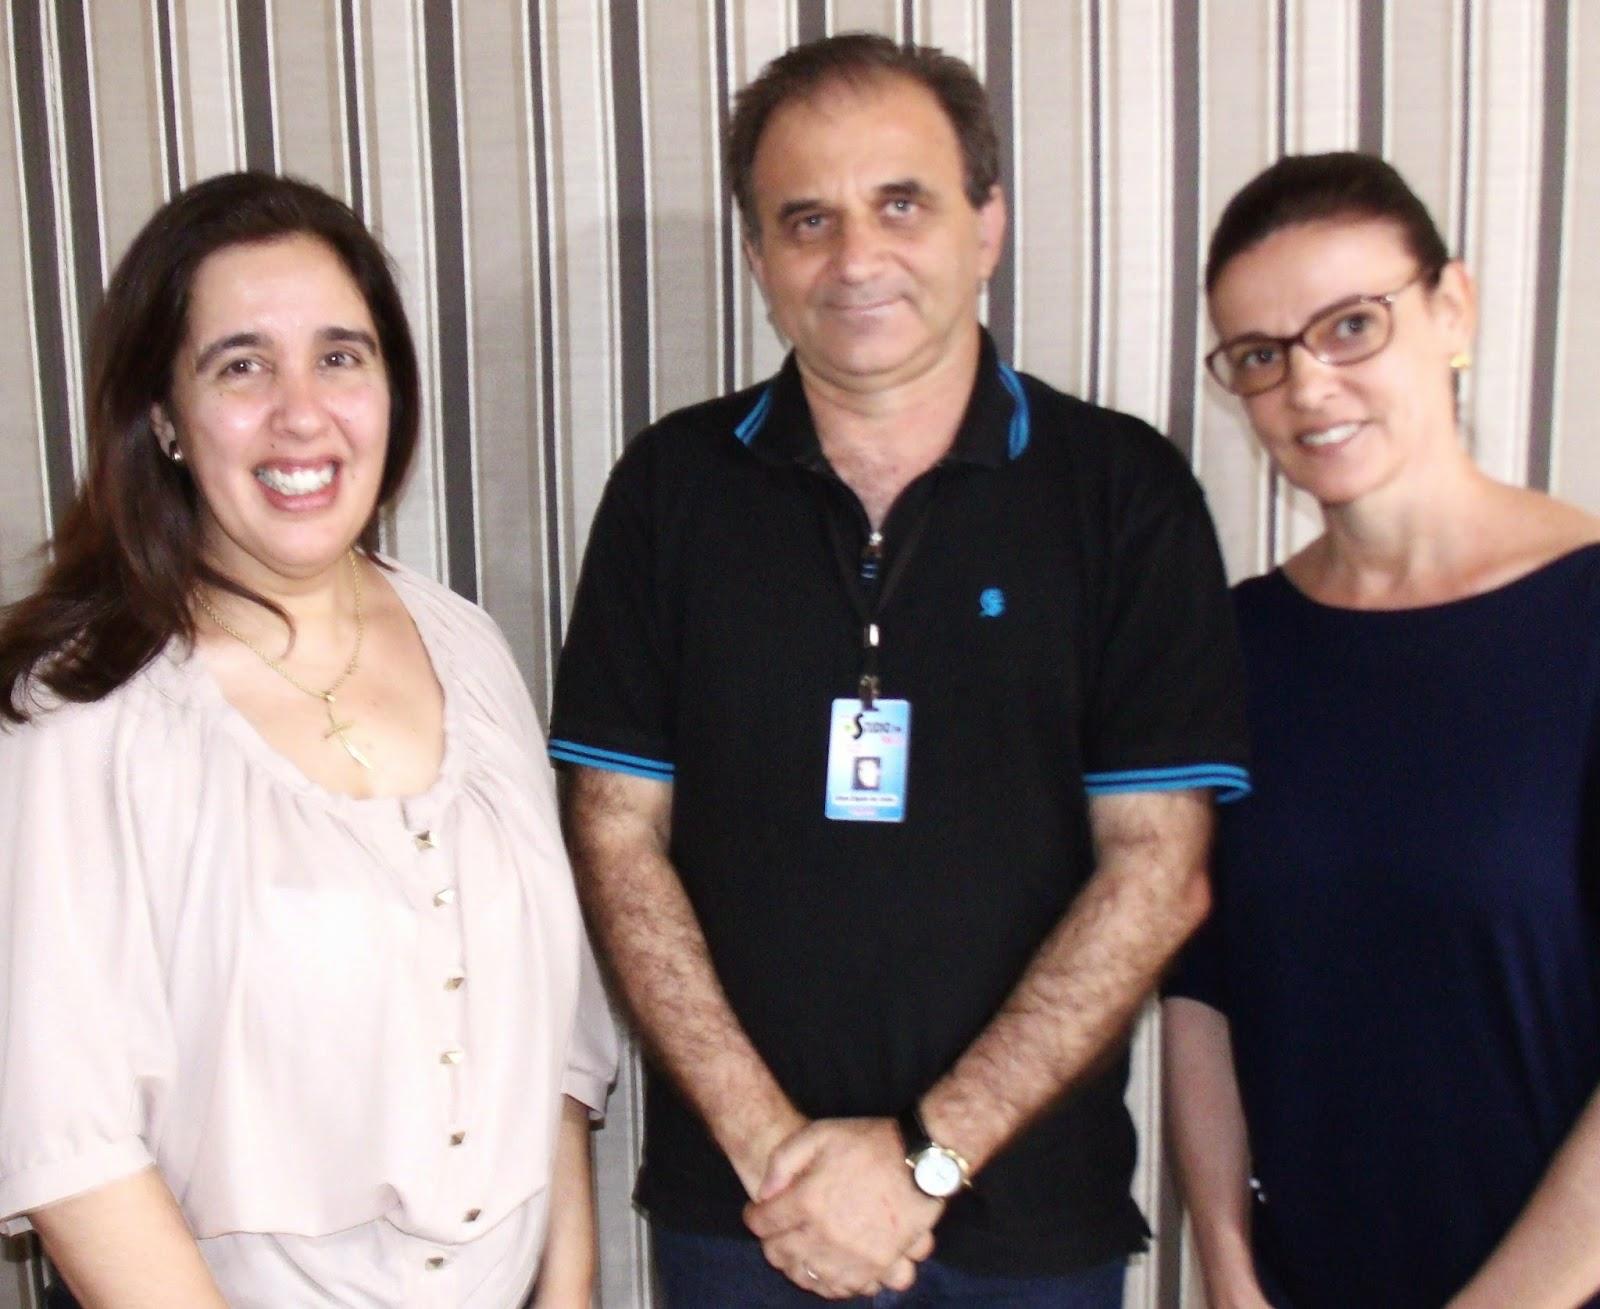 Airton Engster dos Santos, Cláudia Argiles da Costa e Ana Horn da Faculdade La Salle